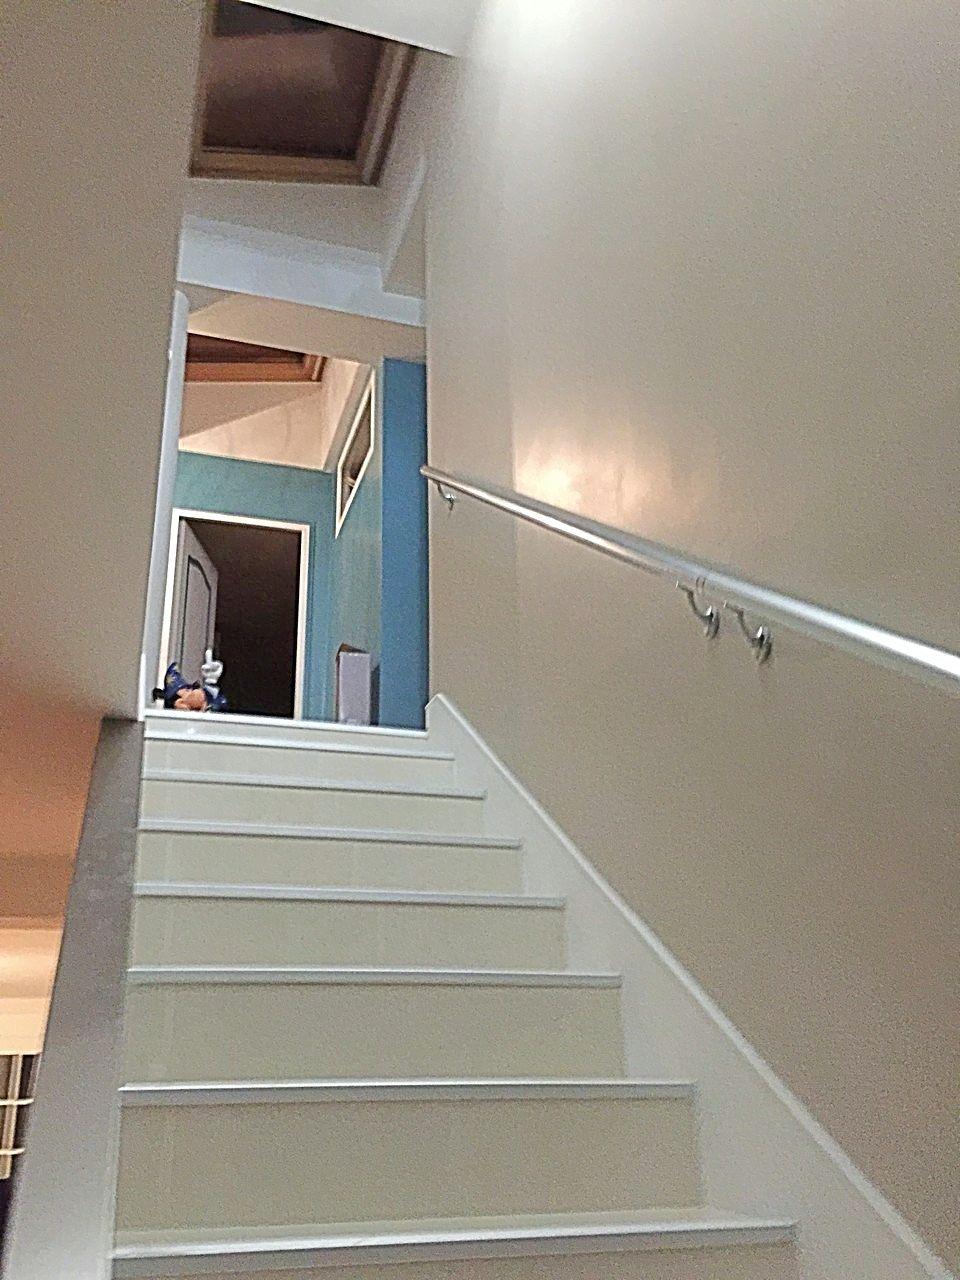 Rénovation d'une cage d'escalier / Changement des nez de marche et de la main courante